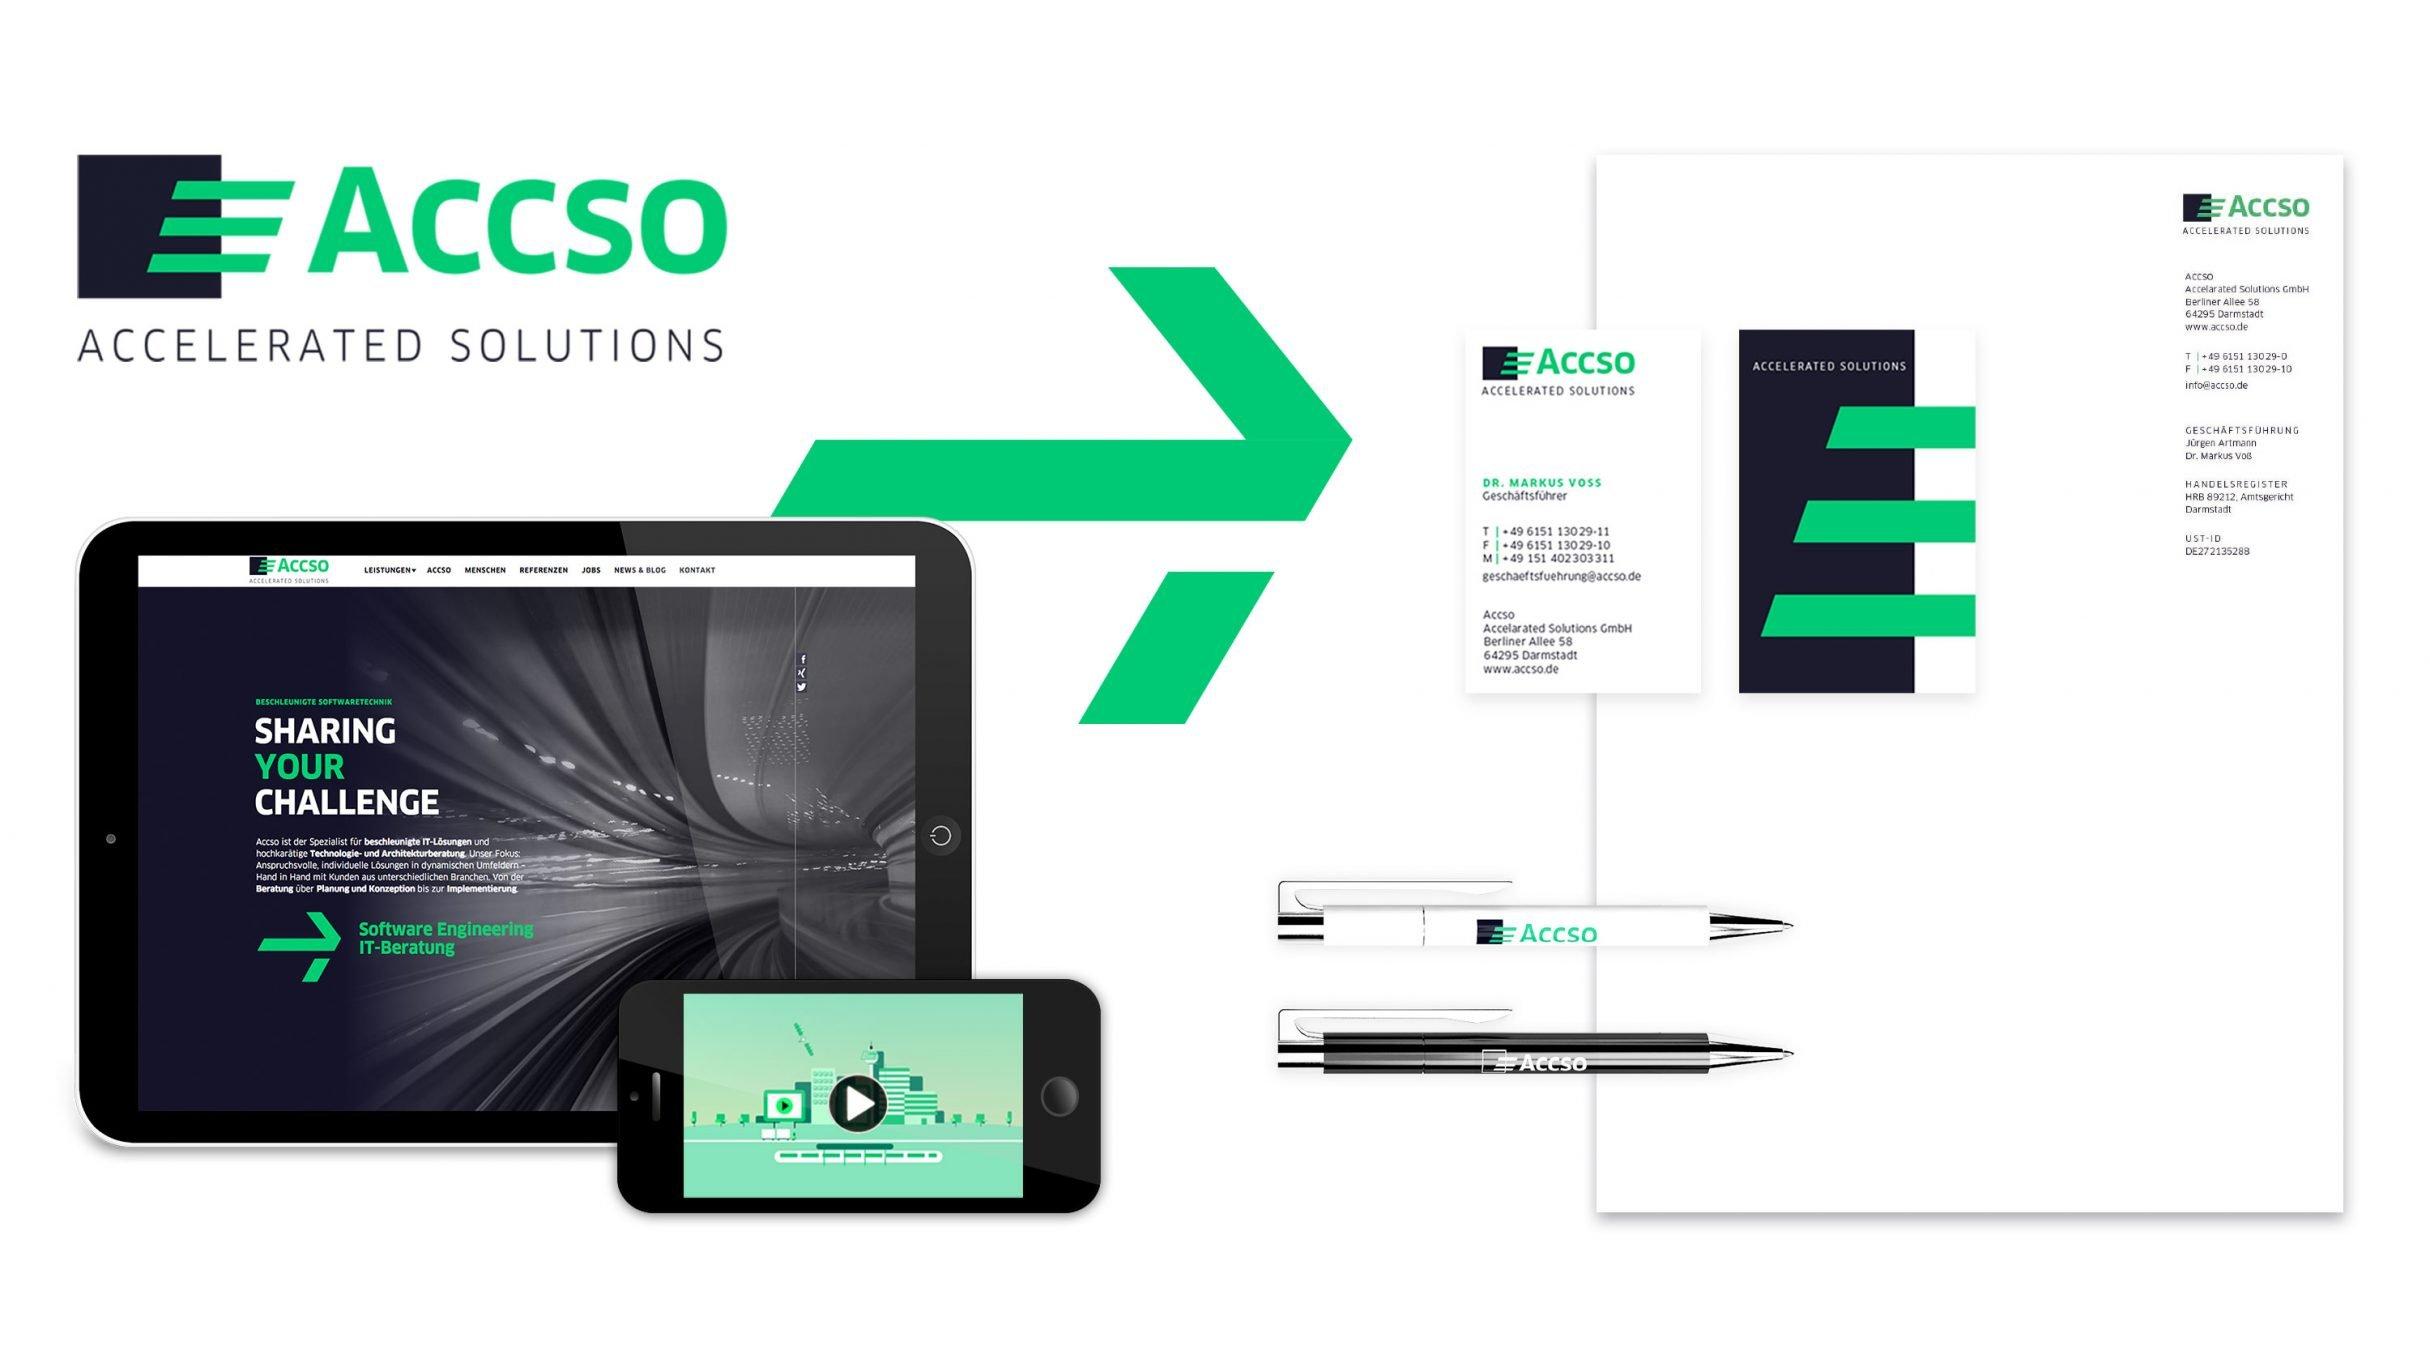 corporate design für accso, bestehend aus Logo, Briefpapier, Visitenkarte und Website